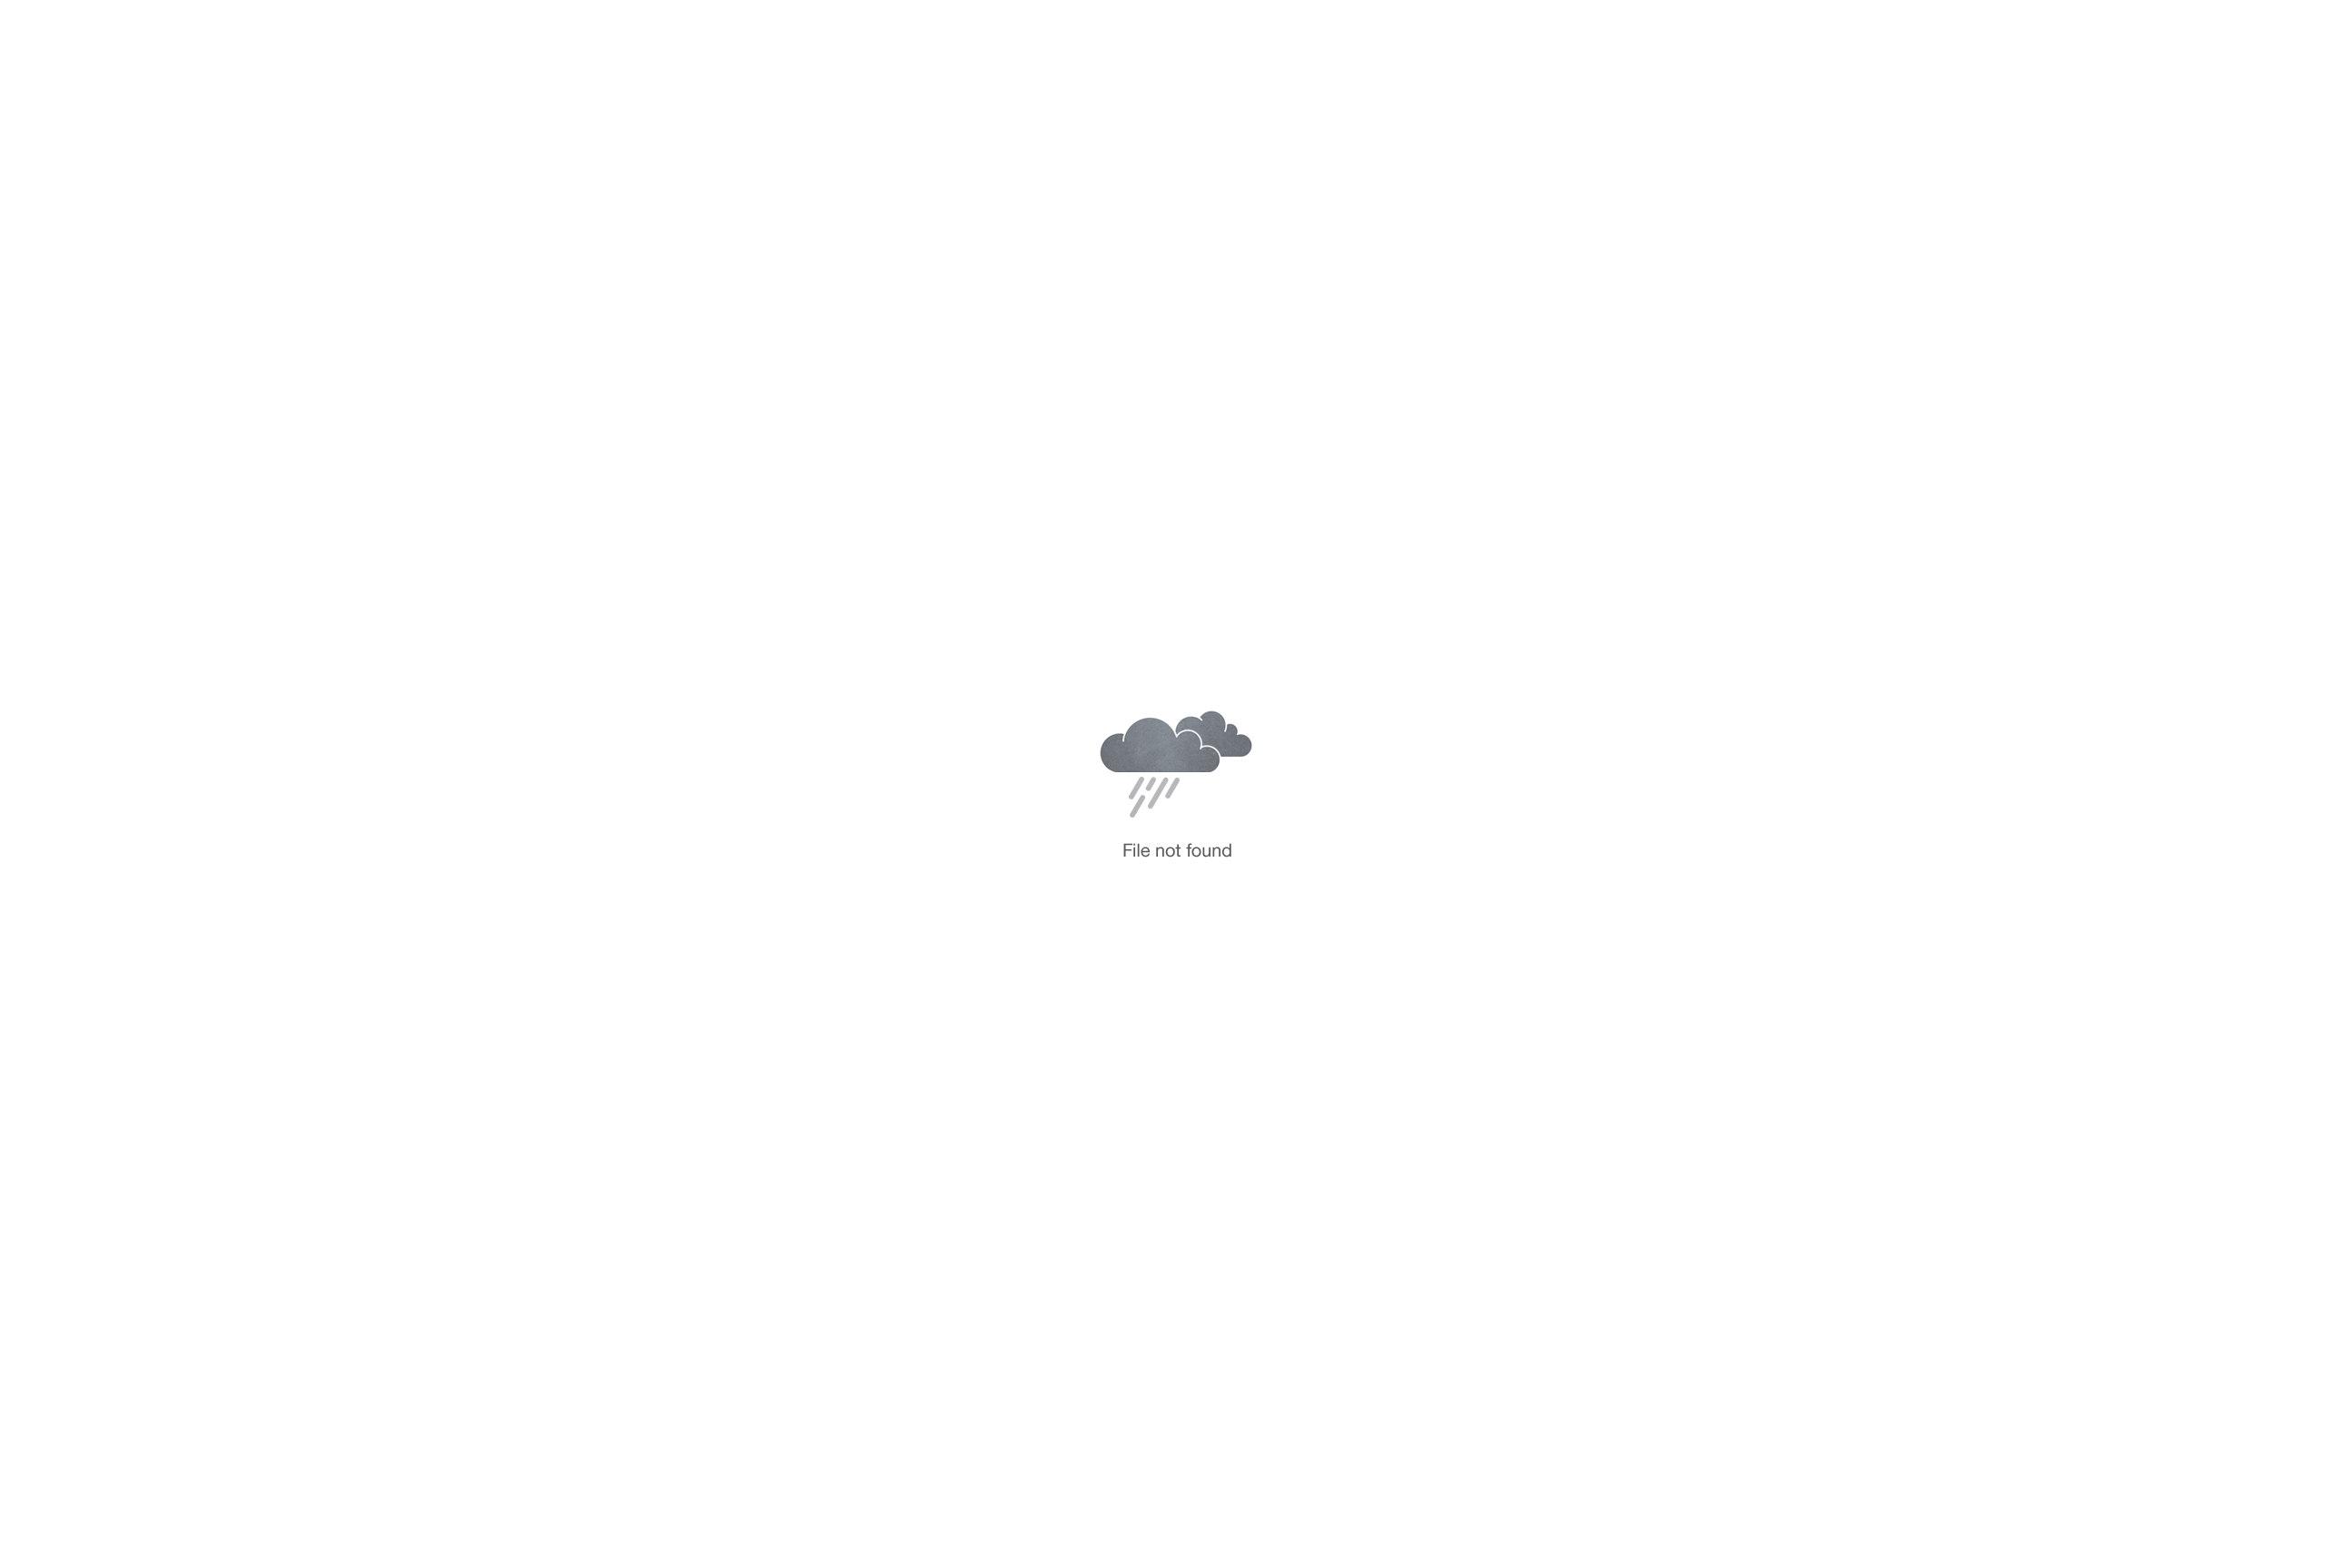 Sébastien-SERRIERE-Cyclisme-Sponsorise-me-image-3